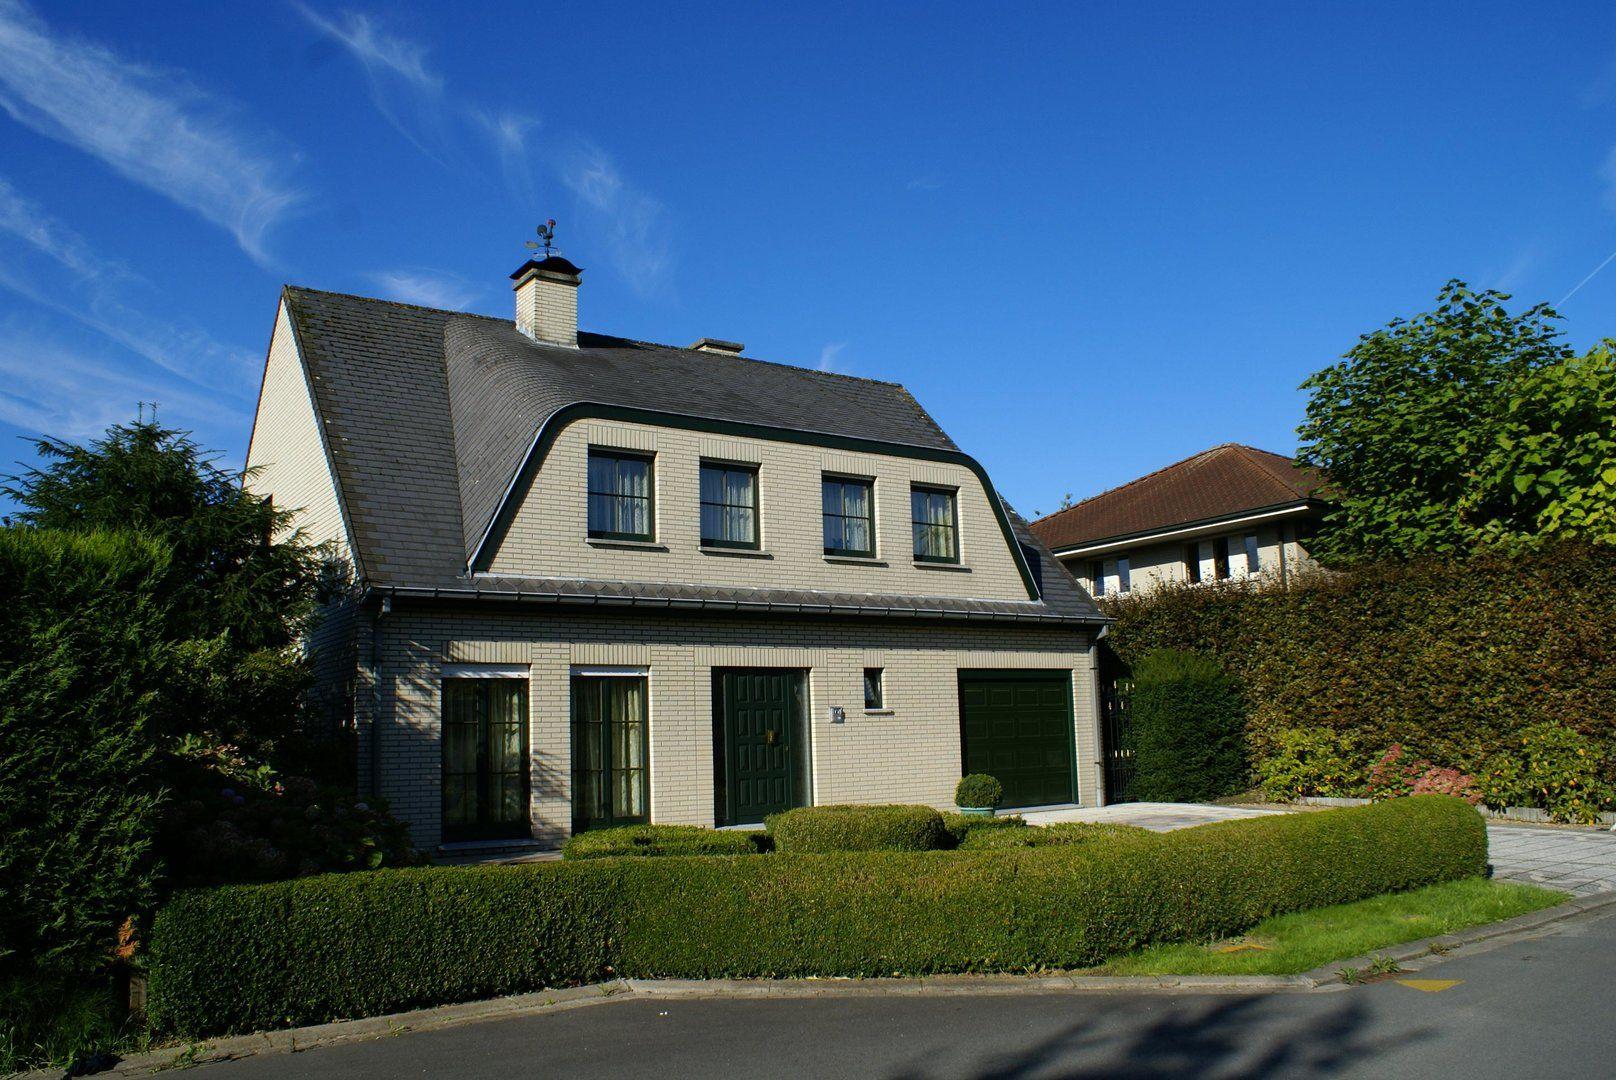 Huis te koop 8530 harelbeke op realo for Huis verkoop site